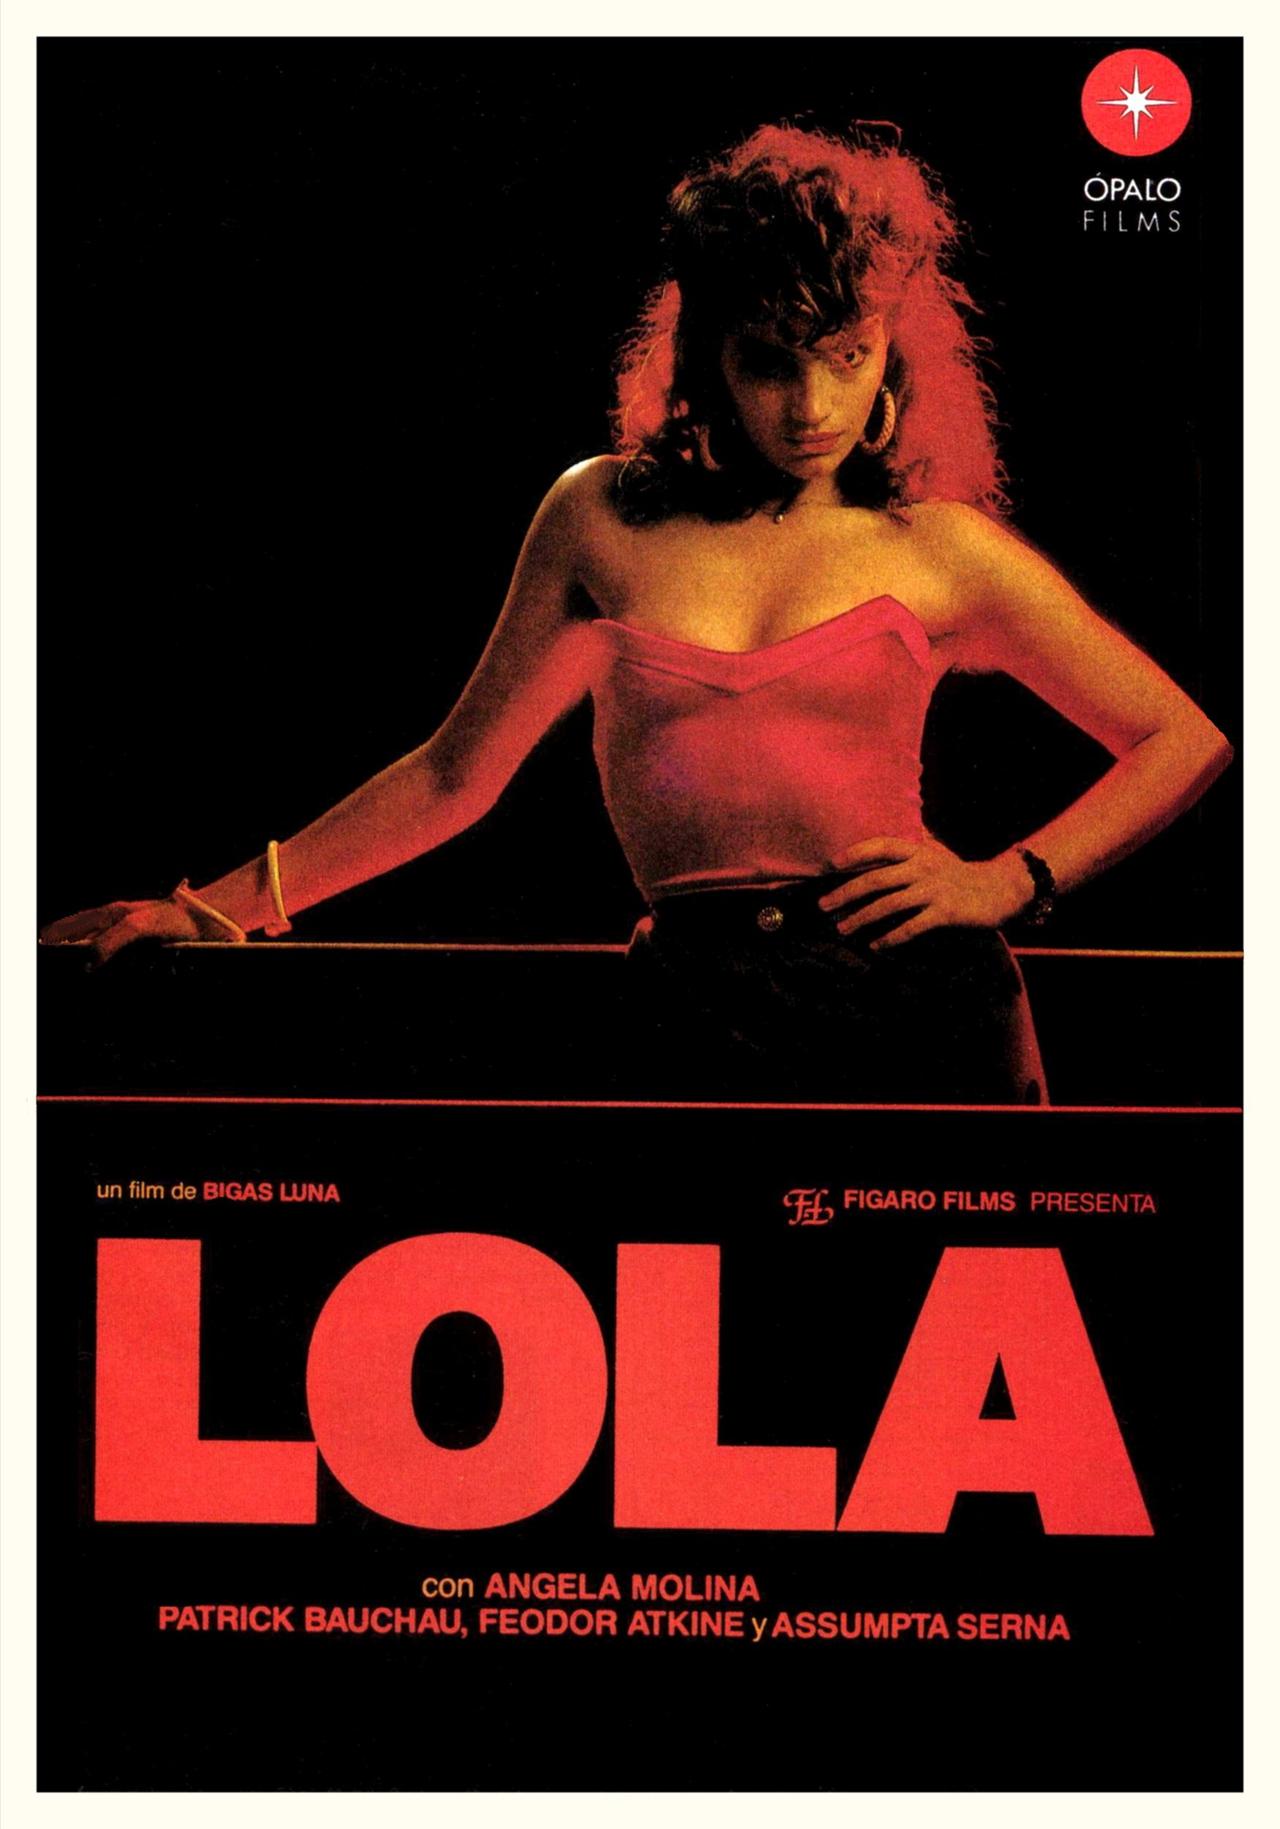 فیلم سینمایی Lola با حضور Ángela Molina